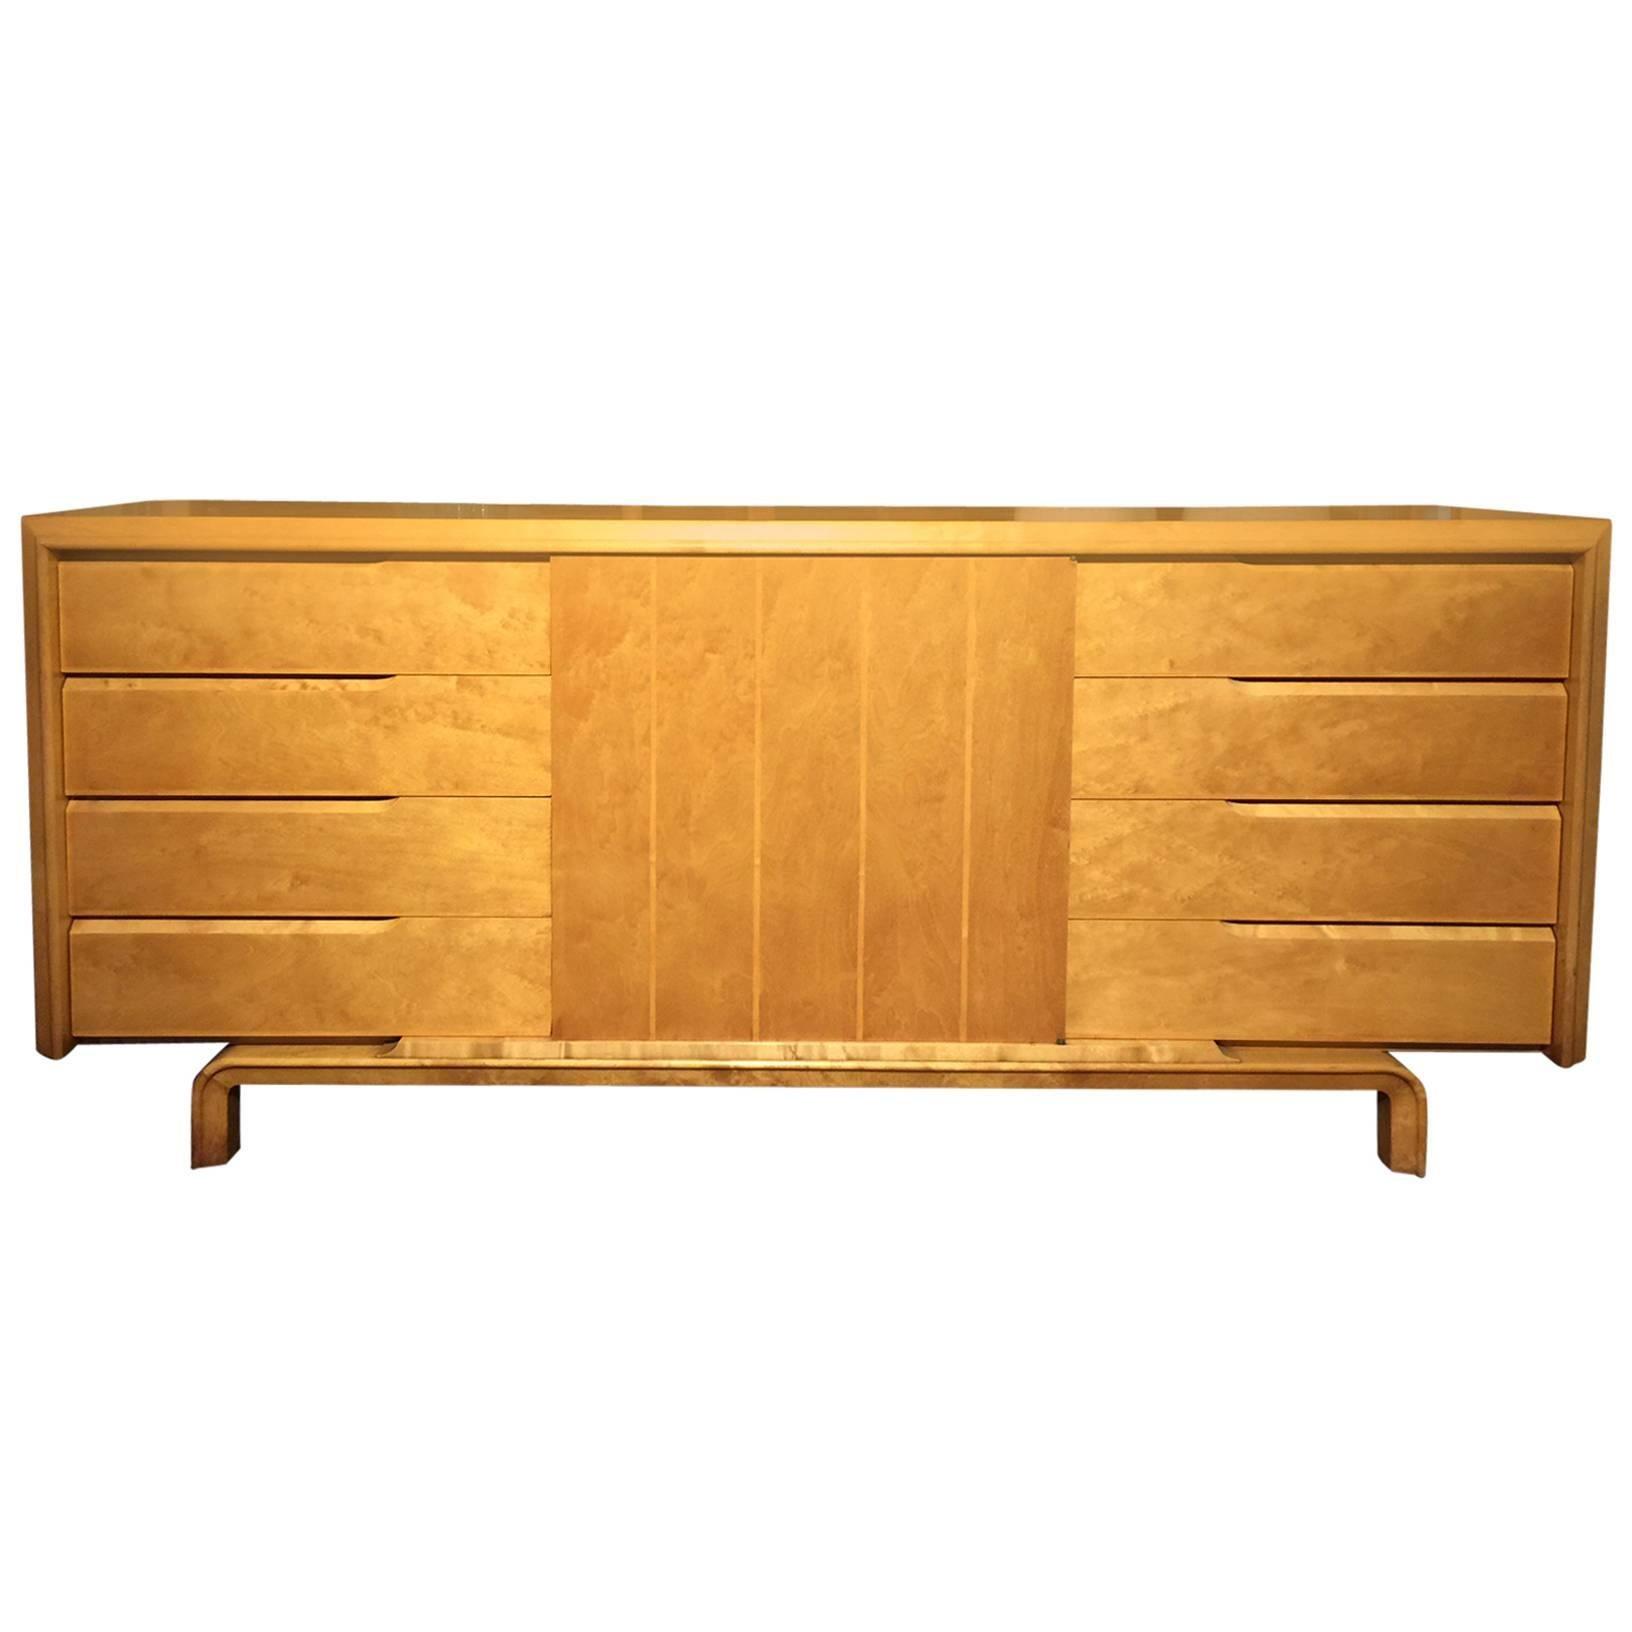 Edmund J. Spence Cabinet/Dresser in Birch Wood